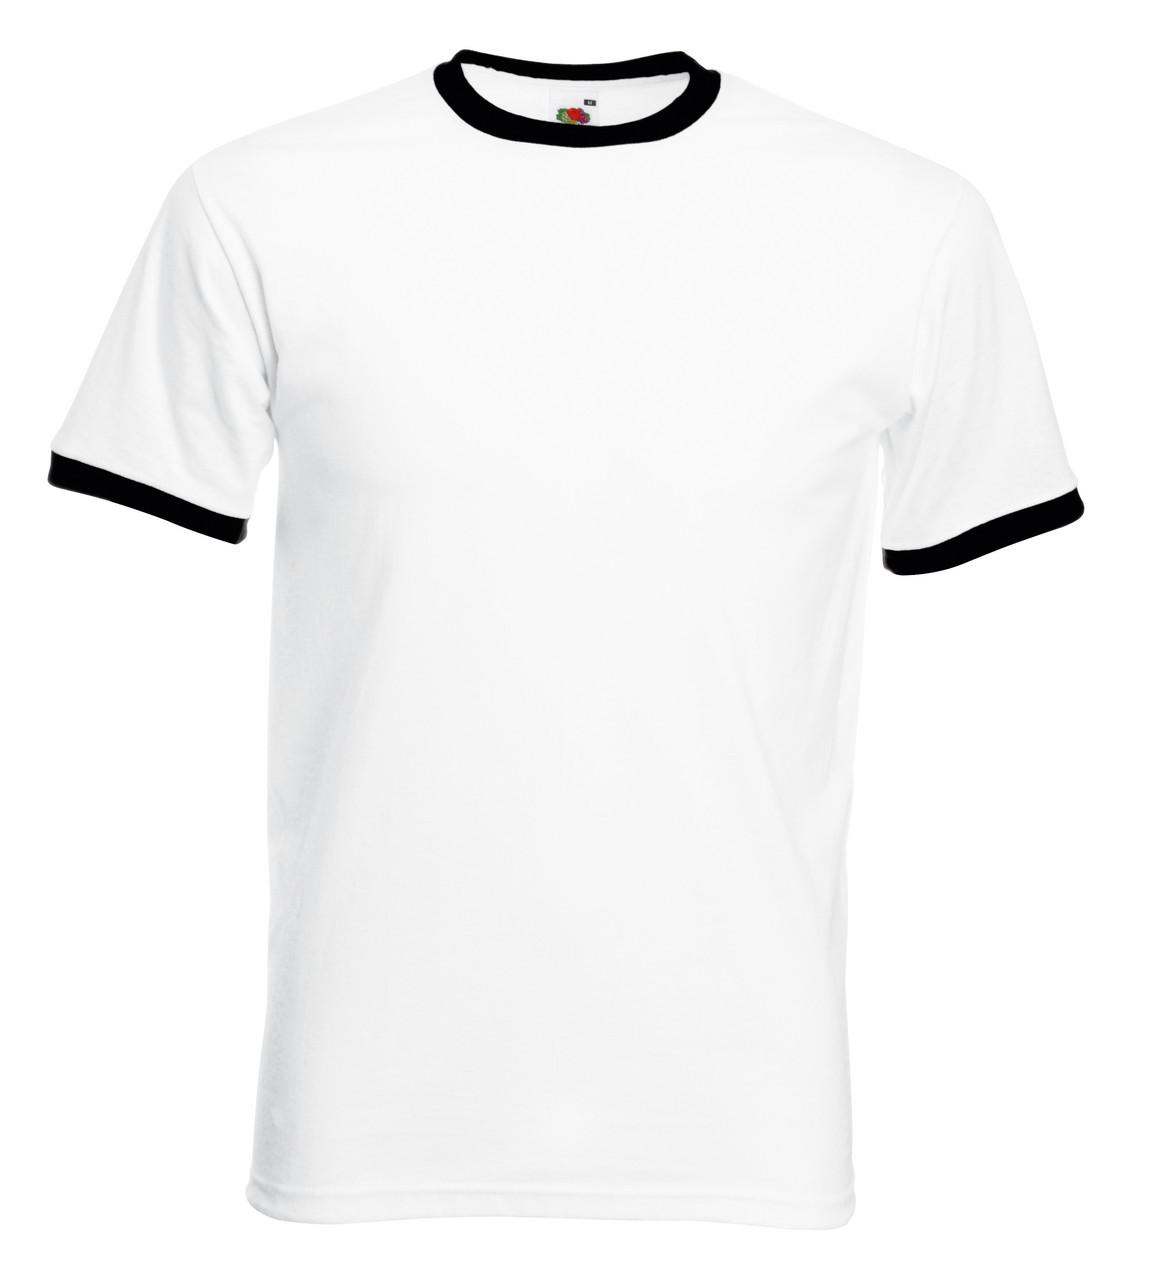 Мужская Футболка с Цветной Окантовкой Fruit of the loom Белый/Чёрный 61-168-Th Xxl